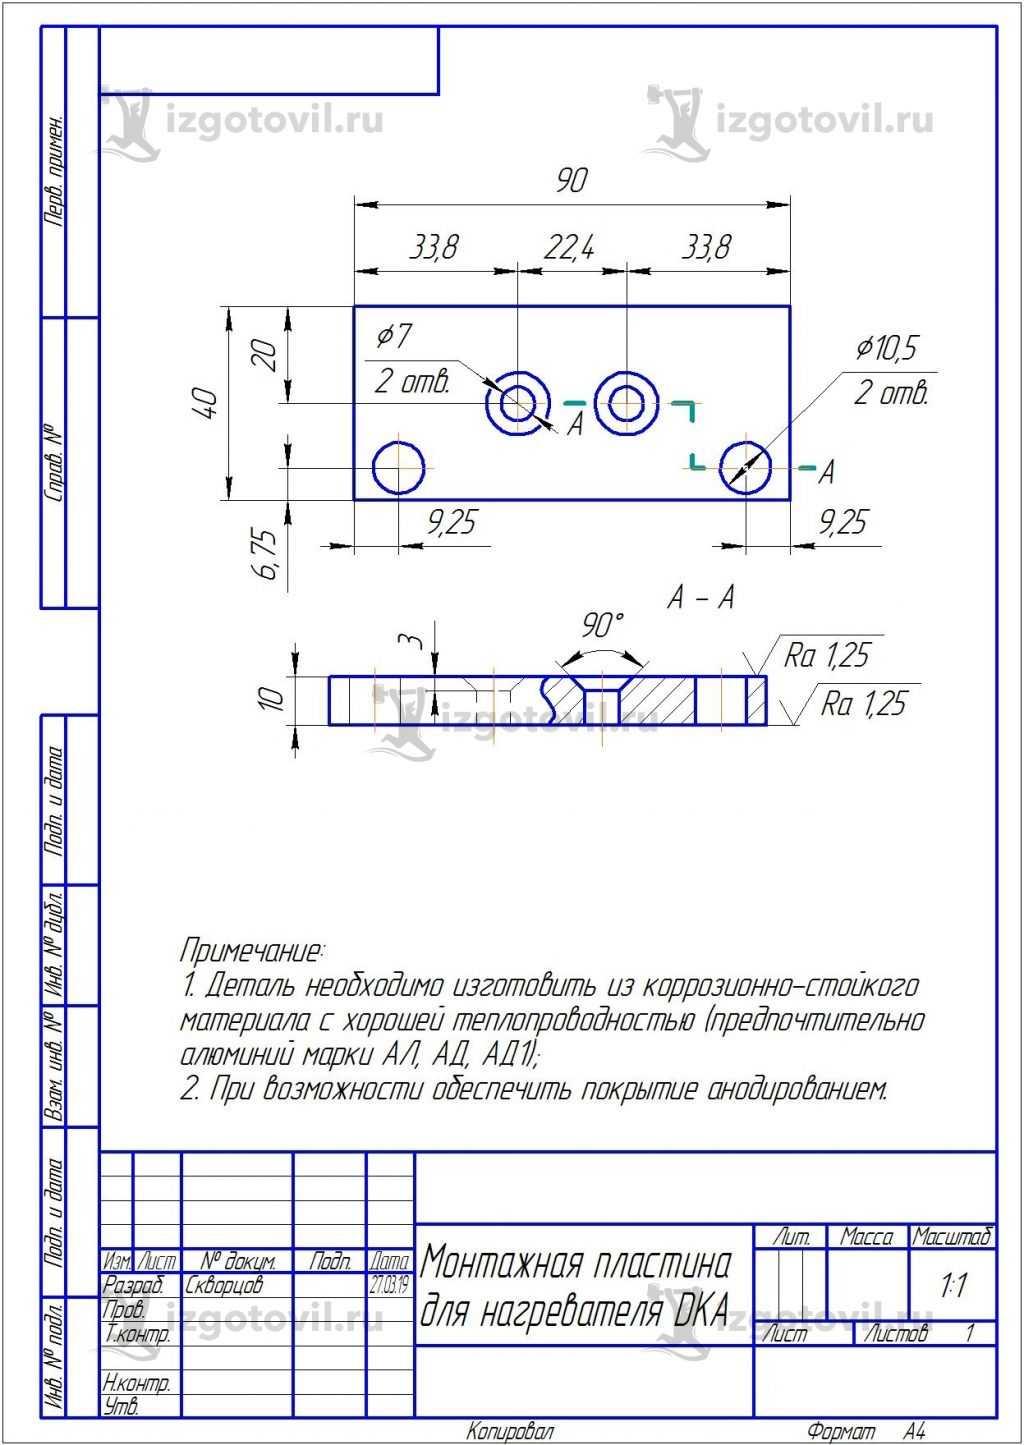 Фрезеровка деталей (детали)